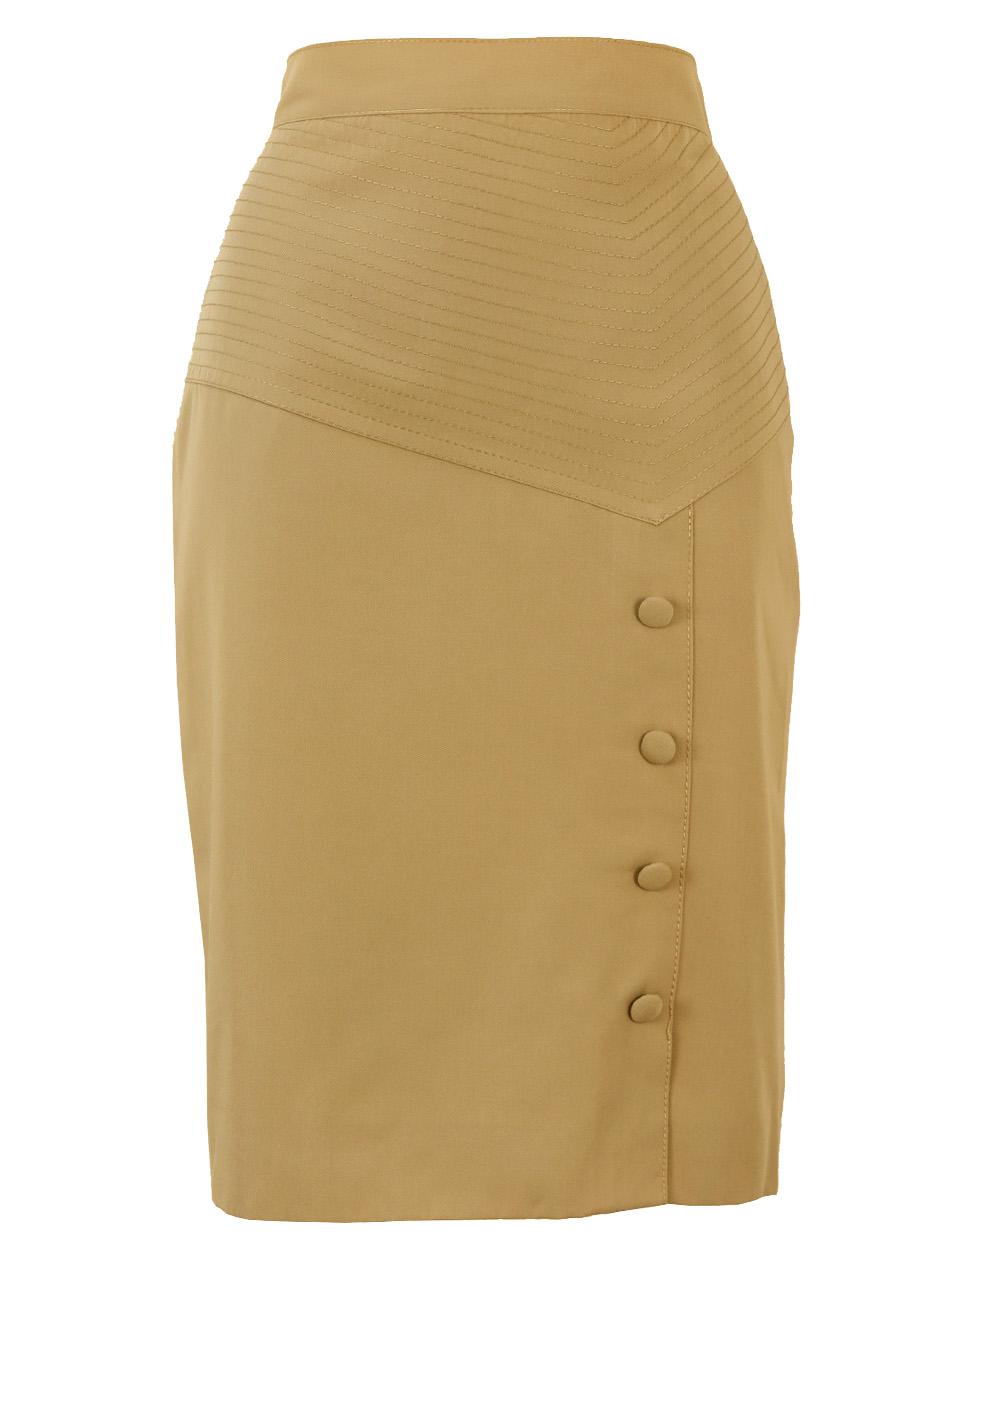 ab2e00a2125 Knee Length Fawn Coloured Pencil Skirt with Asymmetric Waistband – S ...